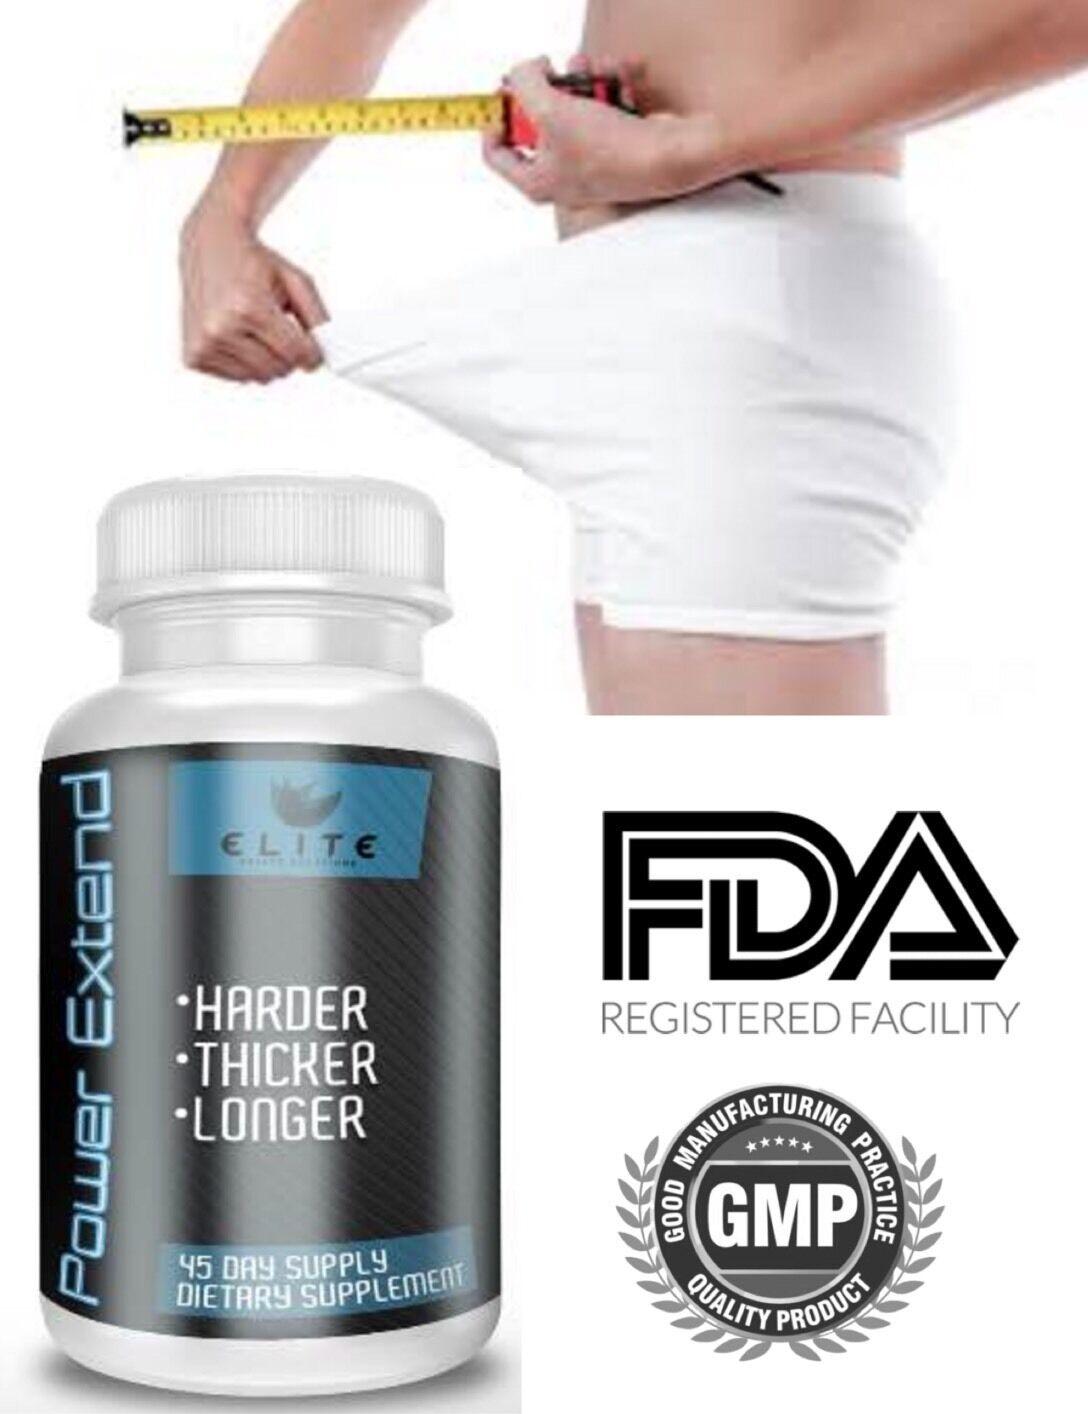 MAKE YOUR PENIS BIGGER Medications - Get Higher Develop